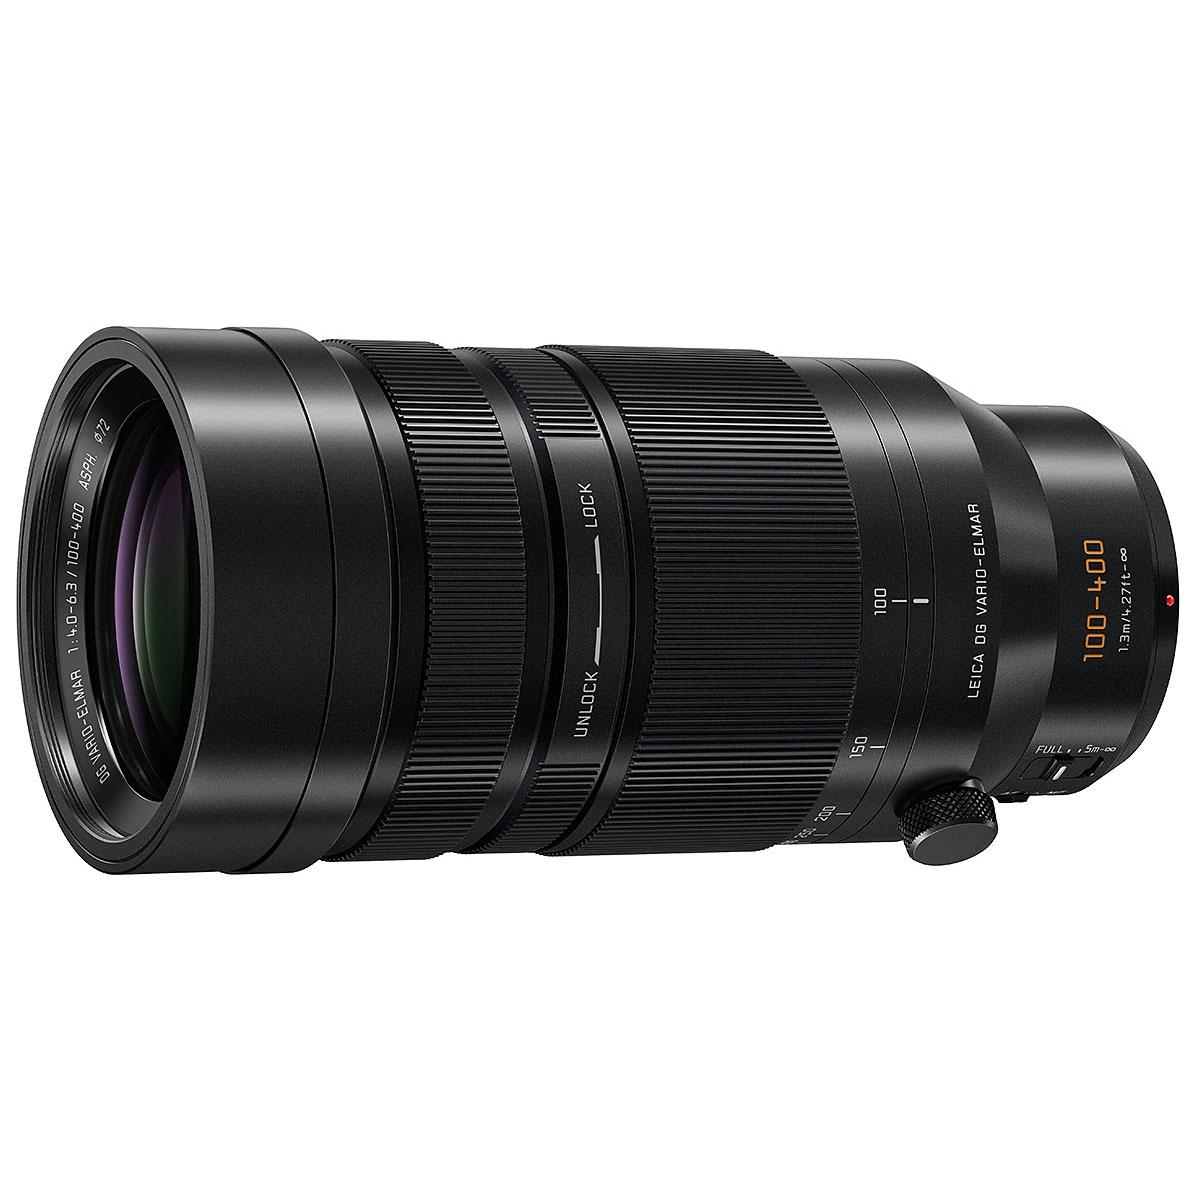 Panasonic Leica DG Vario-Elmar 100-400 mm f/4-6.3 Power O.I.S.